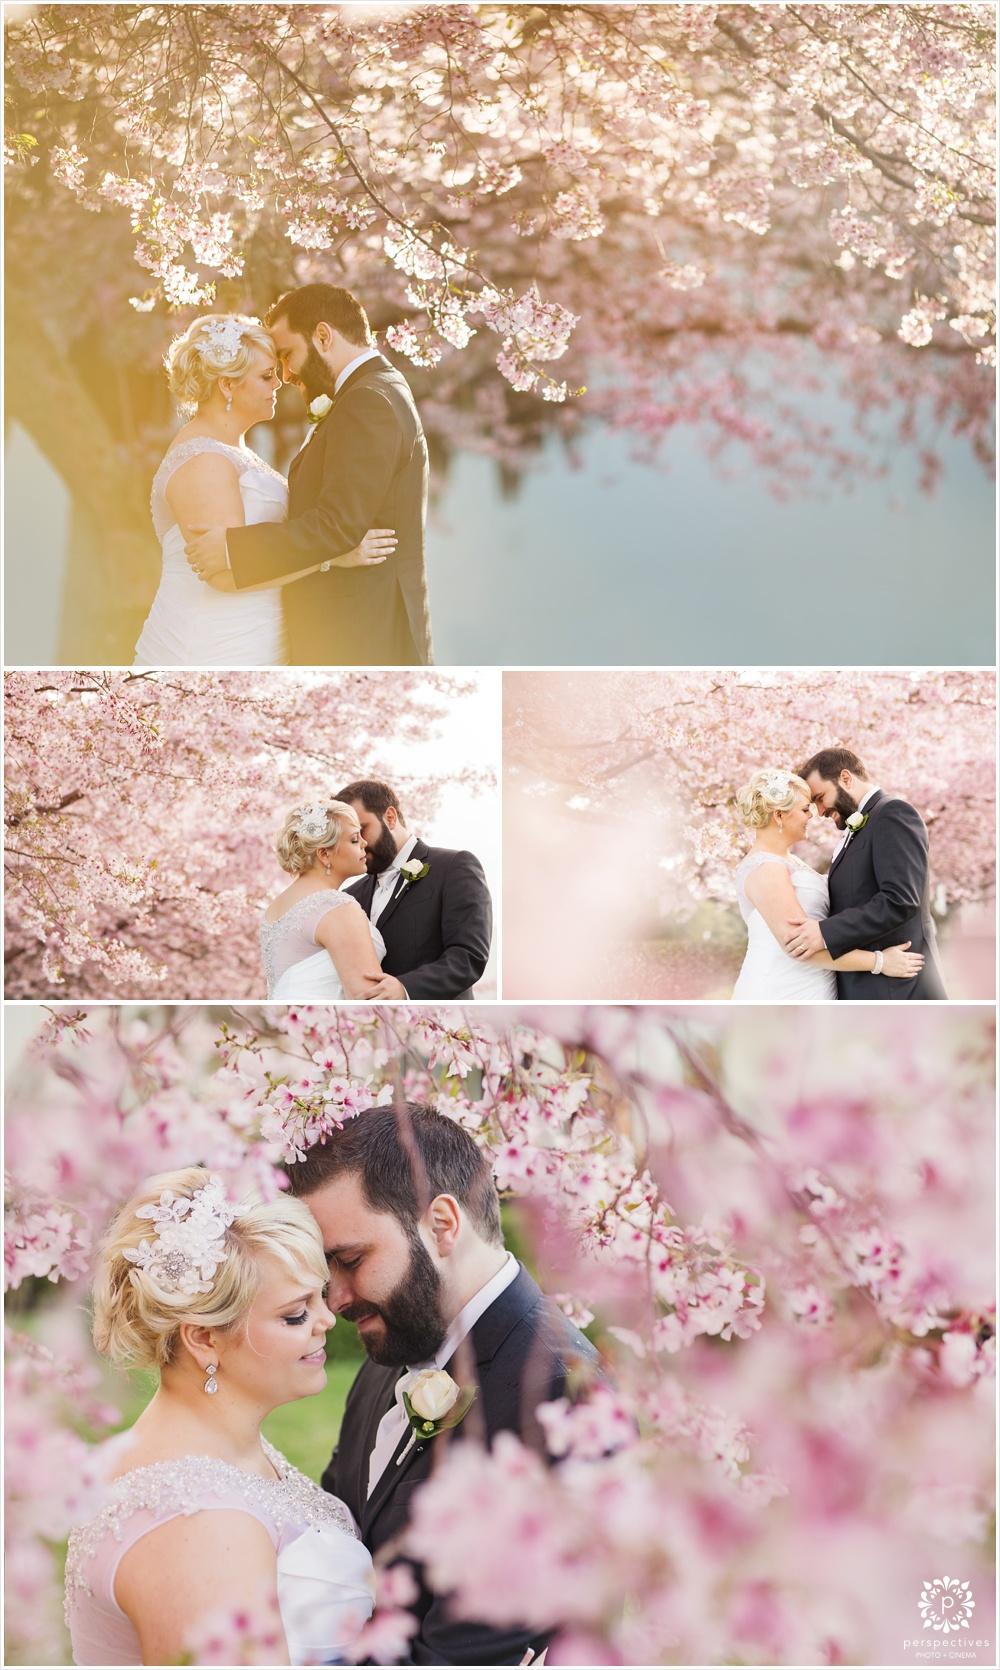 cherry blossom wedding photos